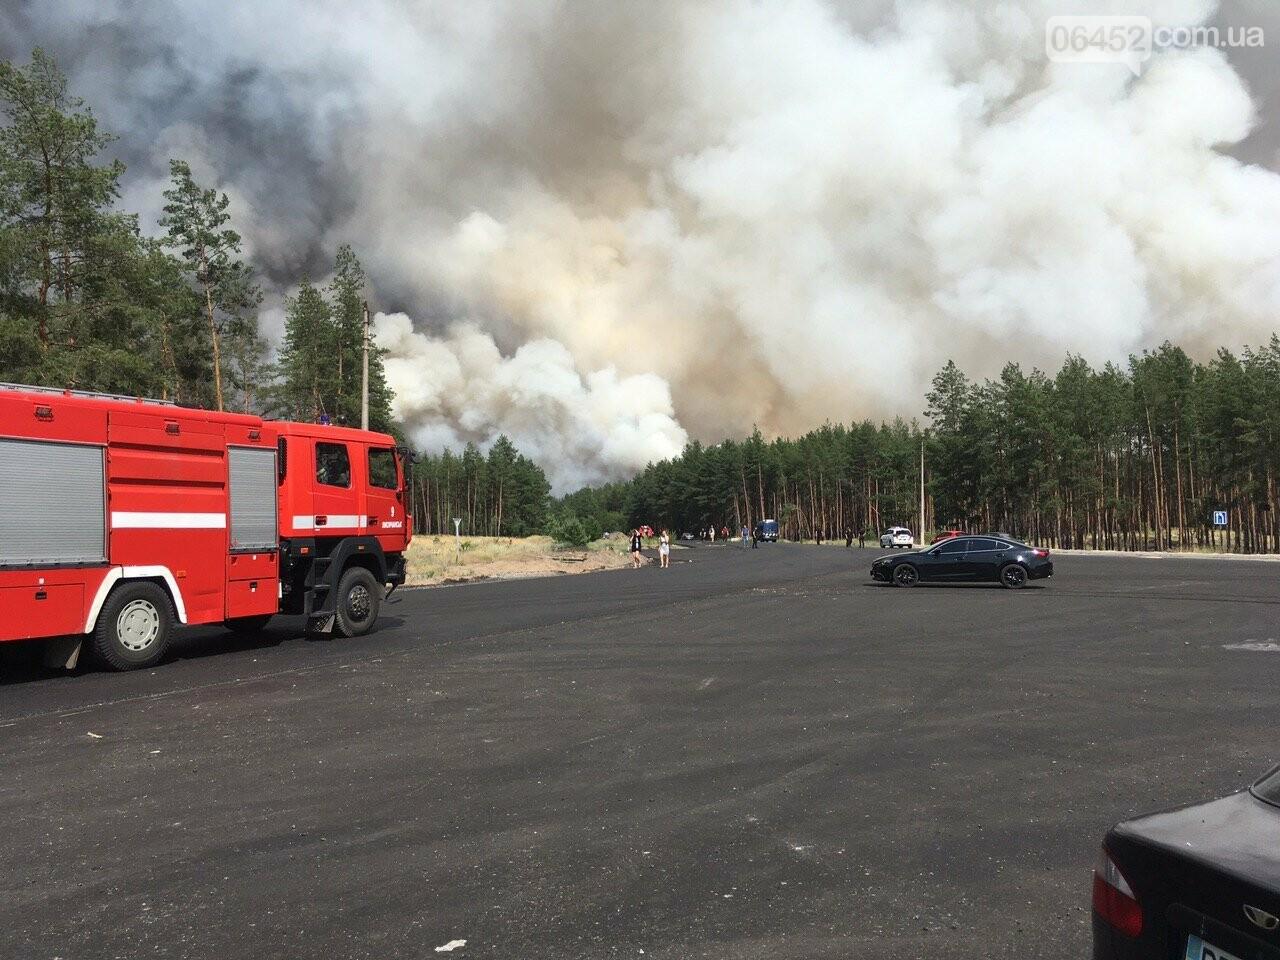 Масштабный пожар в Новоайдарском районе продолжает разрастаться (фото, видео), фото-2